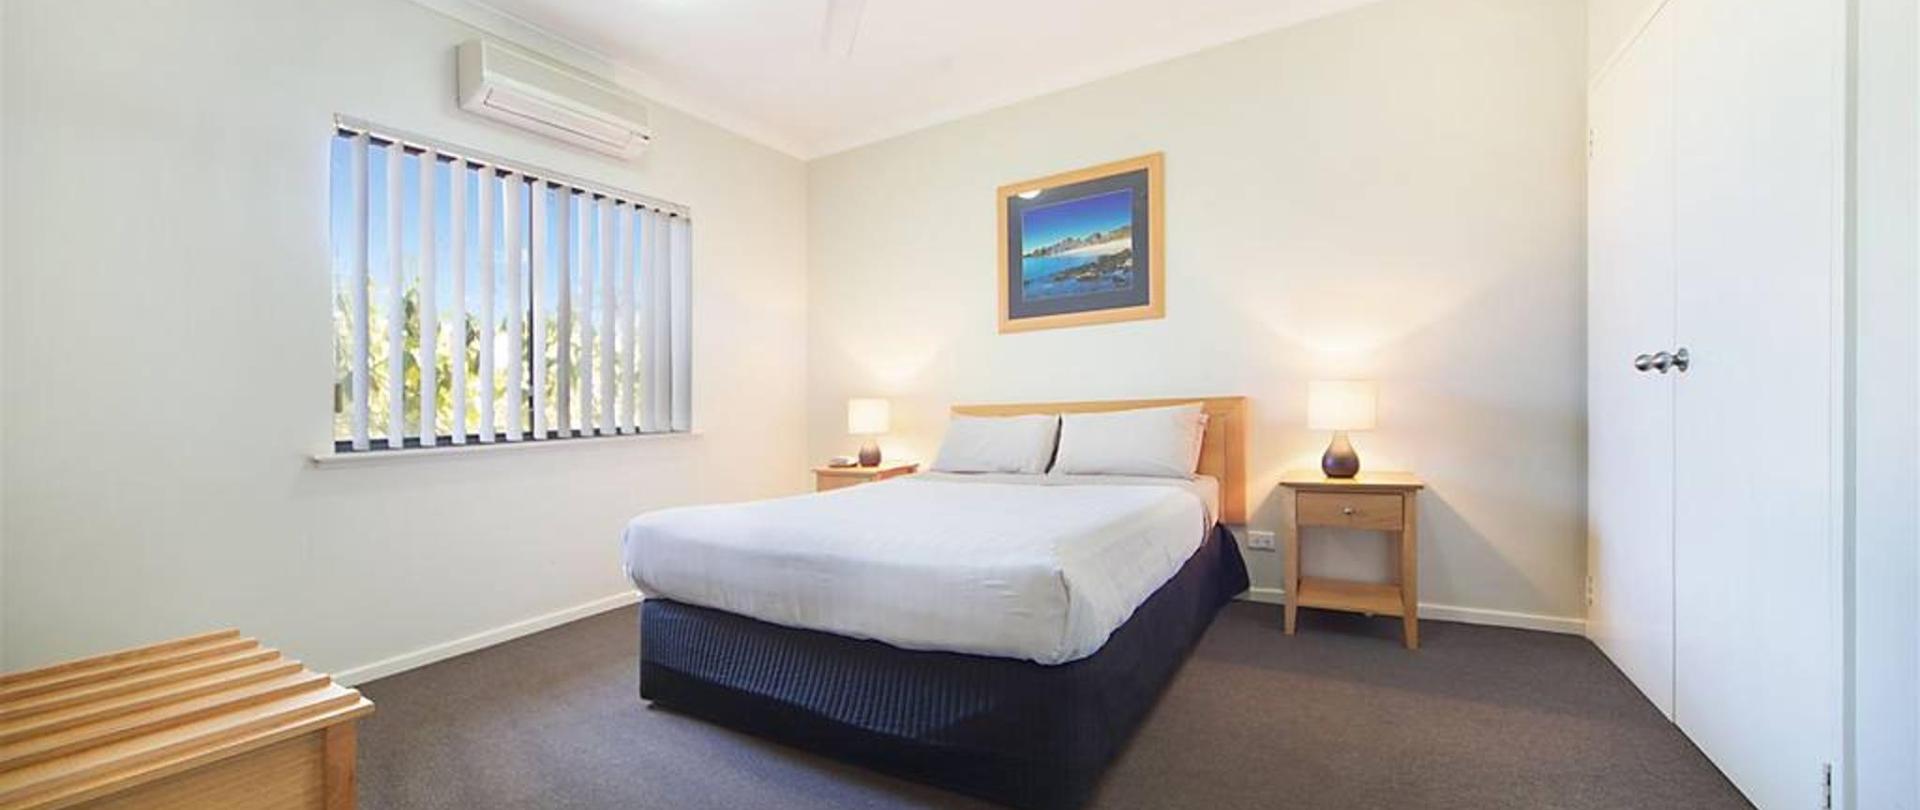 King Bed Suite.jpg